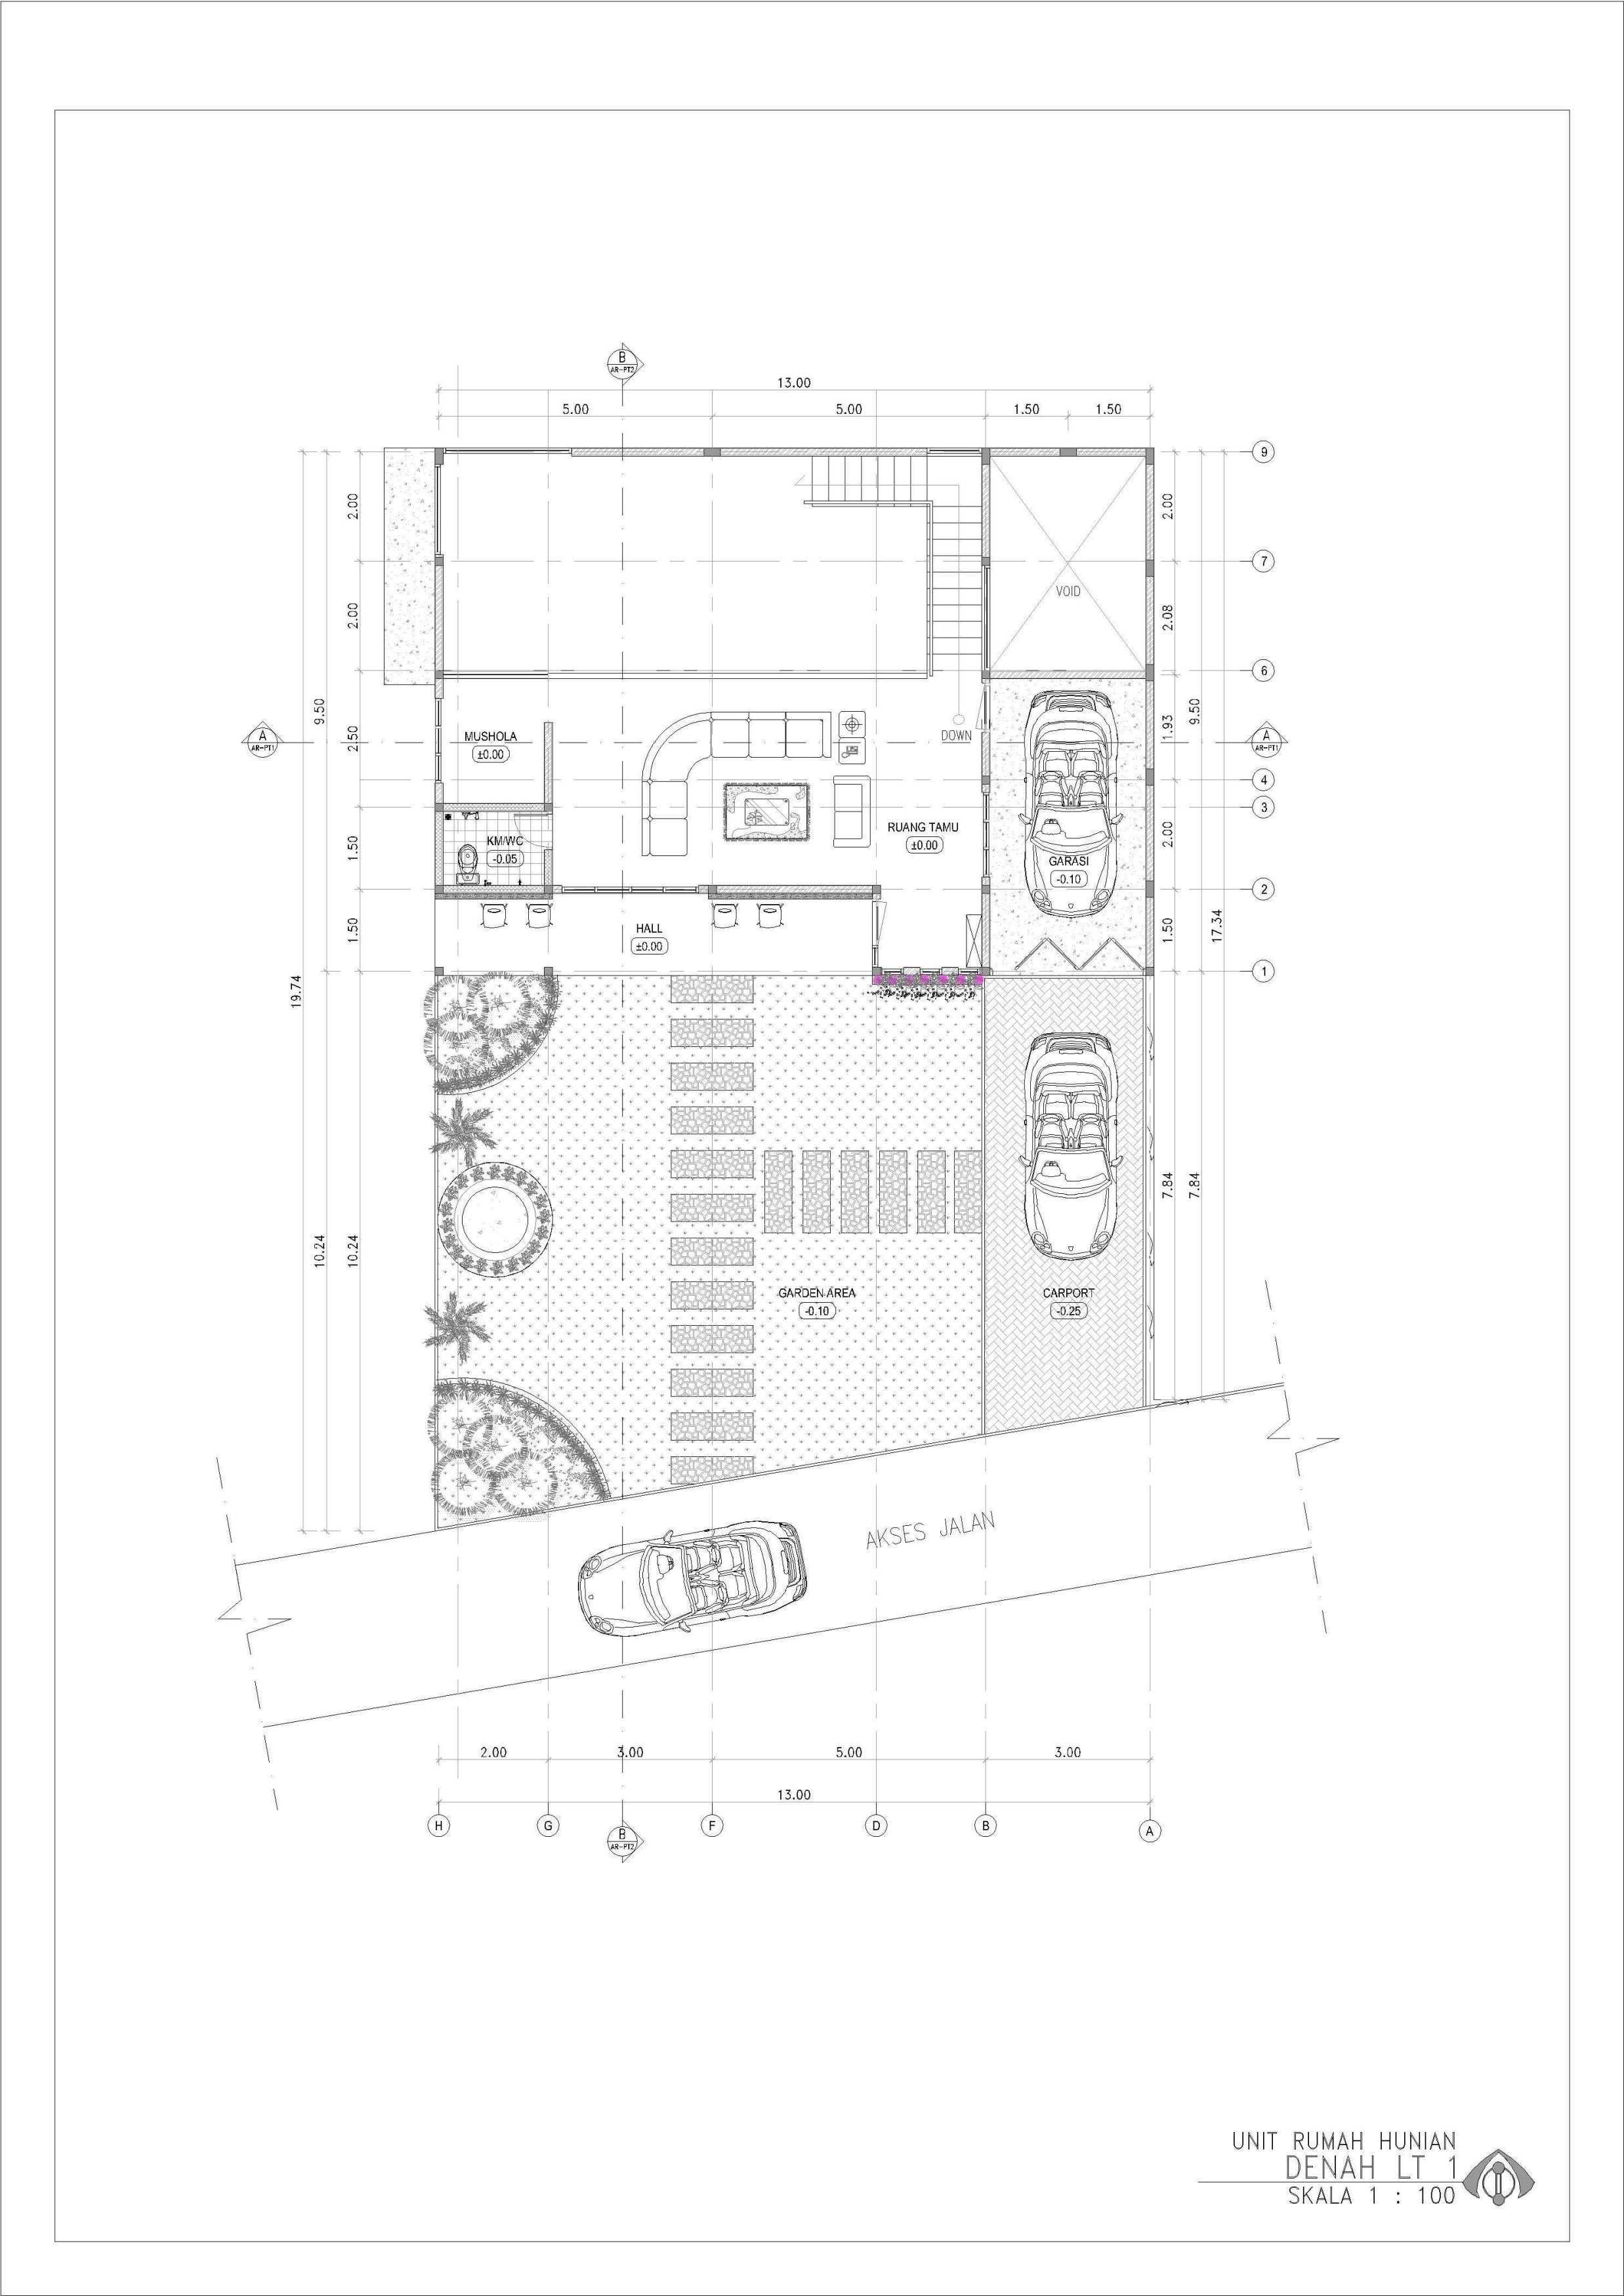 Ansitama Architecture Studio Rumah Hunian Bapak Hijri Jambi, Kota Jambi, Jambi, Indonesia Jambi, Kota Jambi, Jambi, Indonesia Ansitama-Architetcture-Studio-Rumah-Hunian-Bapak-Hijri   56254